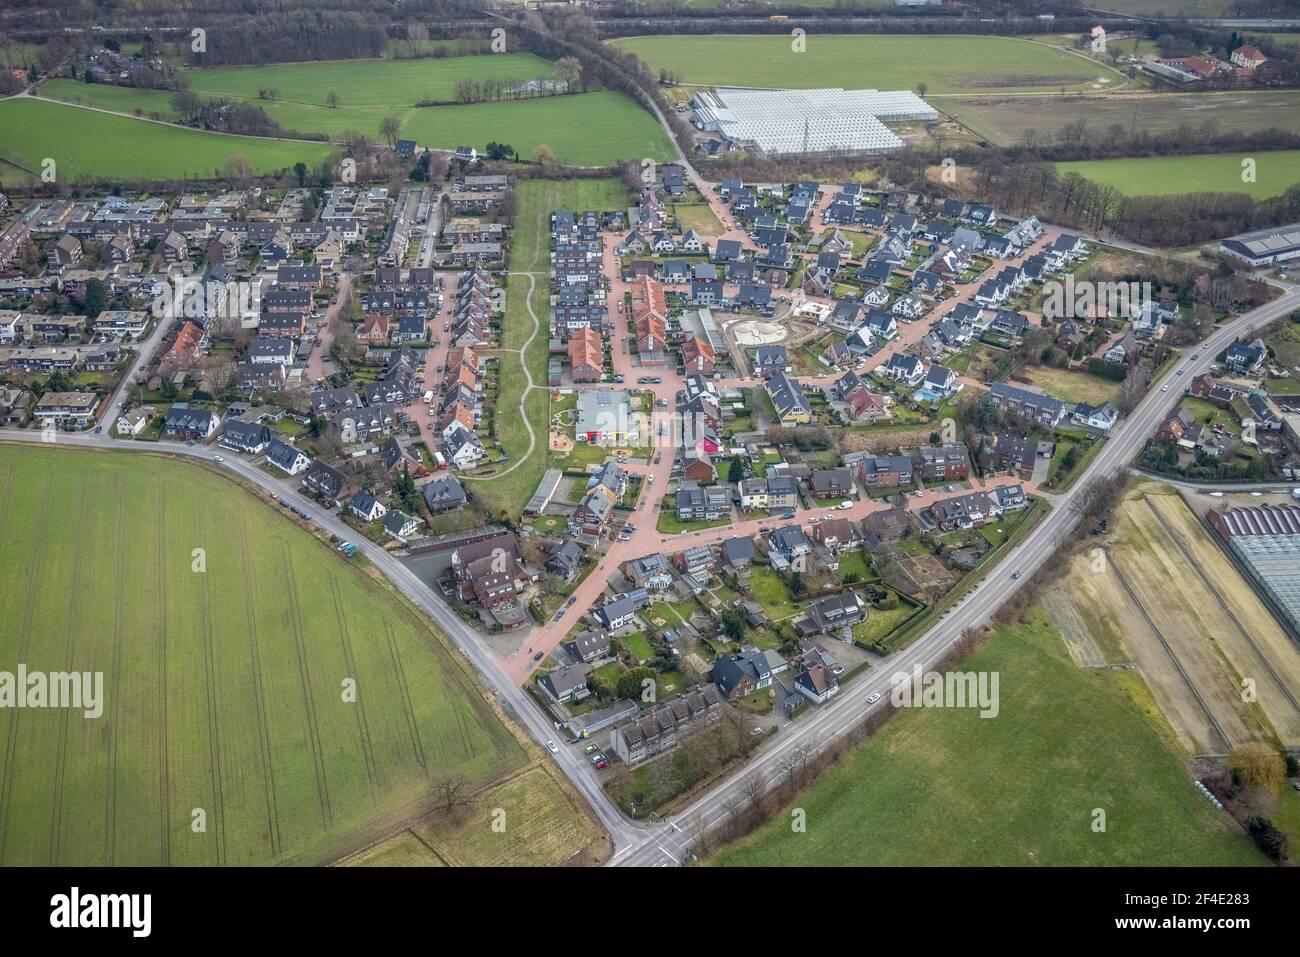 Luftbild, Baustelle für Kinderspielplatz, Wohngebiet Tappenhof, Hellenstraße und Theo-Kleppe-Weg, Bottrop-Kirchhellen, Ruhrgebiet Stockfoto